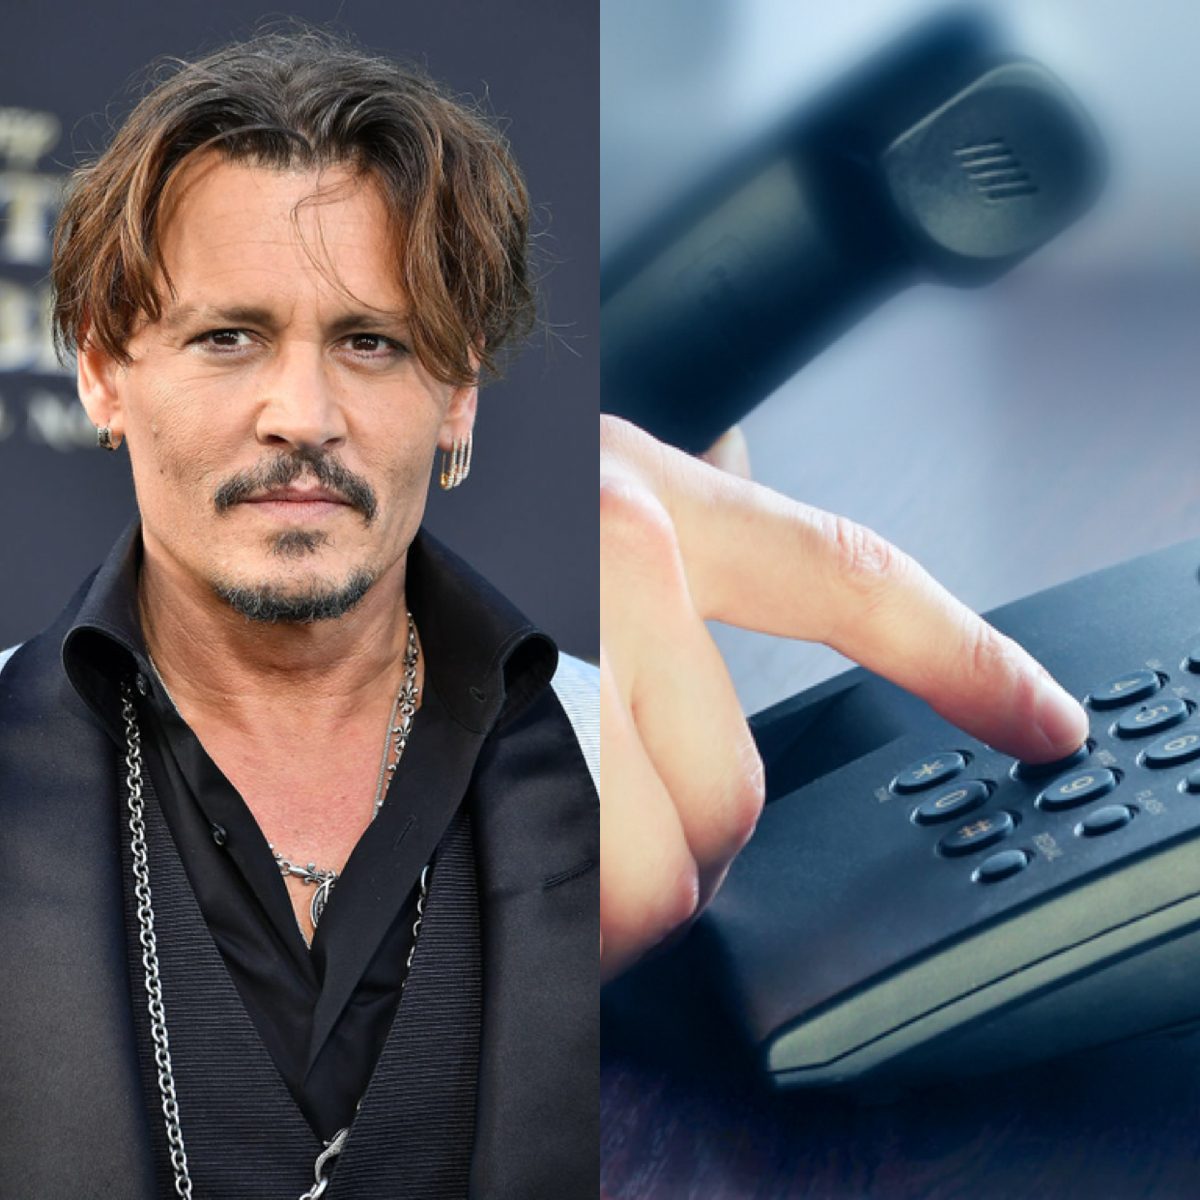 ミュージシャンとして有名になる前は、電話でペンを売る仕事をしていたというジョニー・デップ(55)。よほど才能がなかったのか、売れたのは1本だけ。ジョニー自身もこの仕事が大嫌いだったと漏らしている。